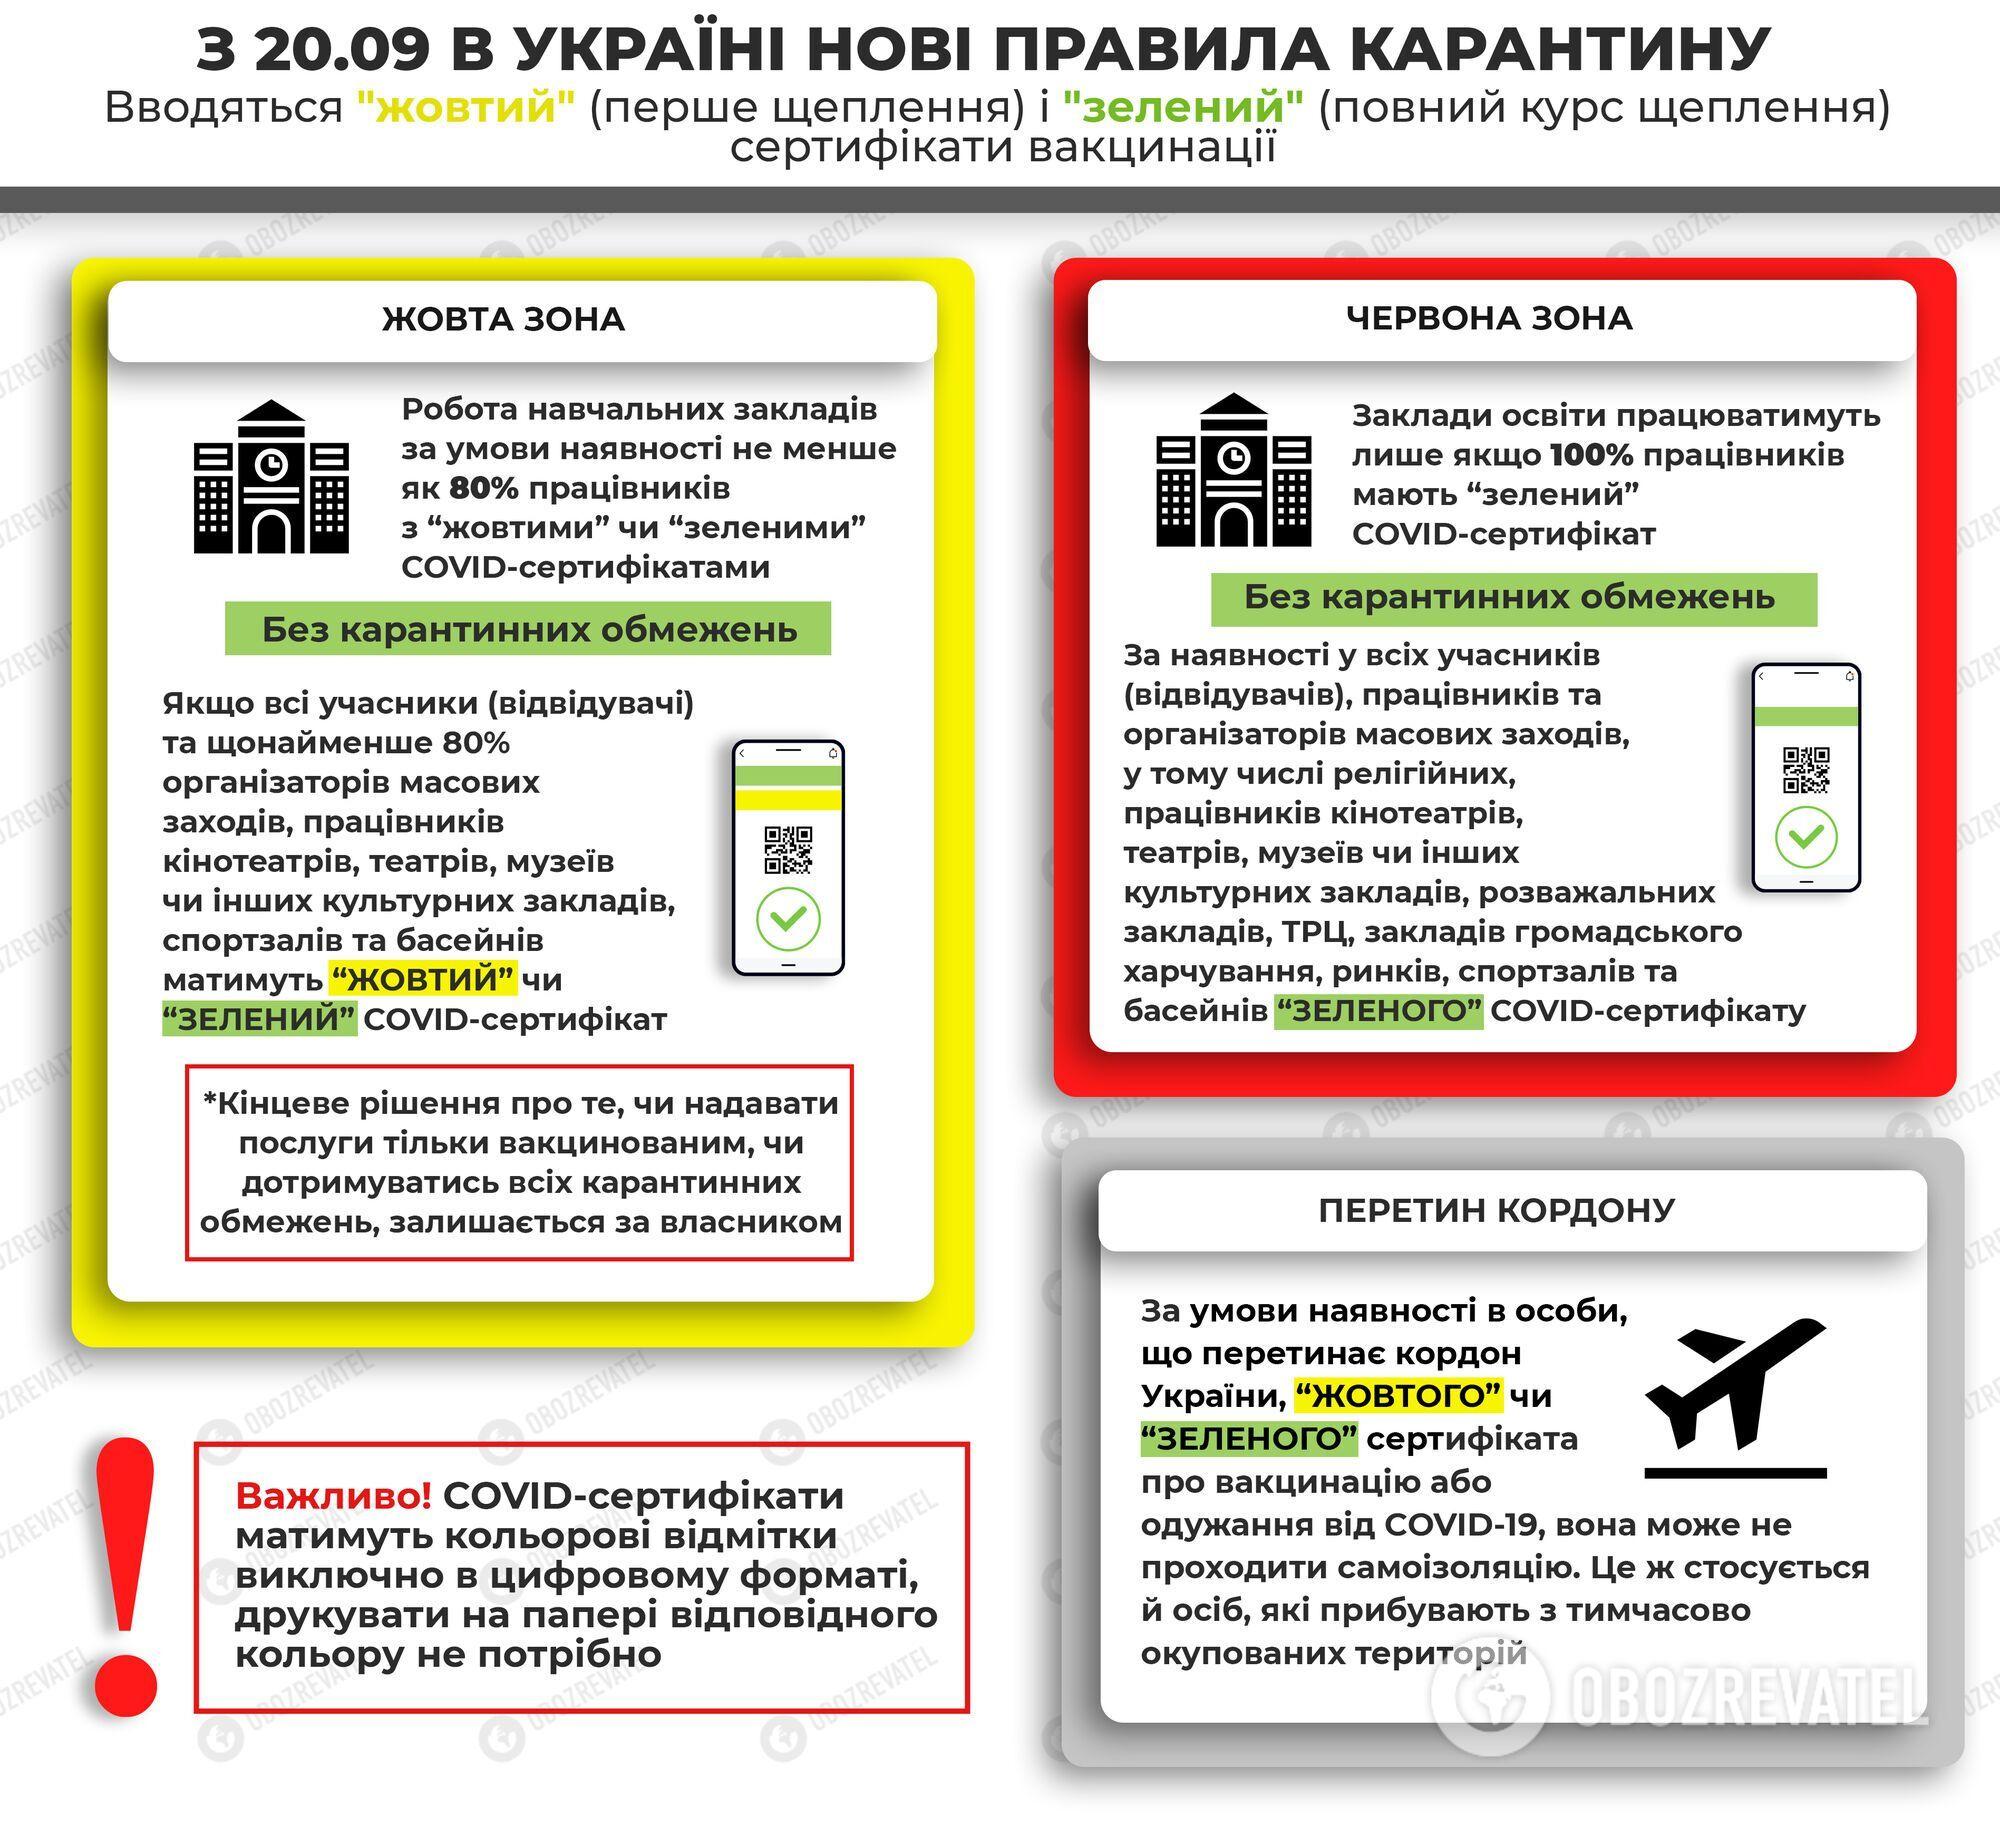 Нові правила карантину в Україні.